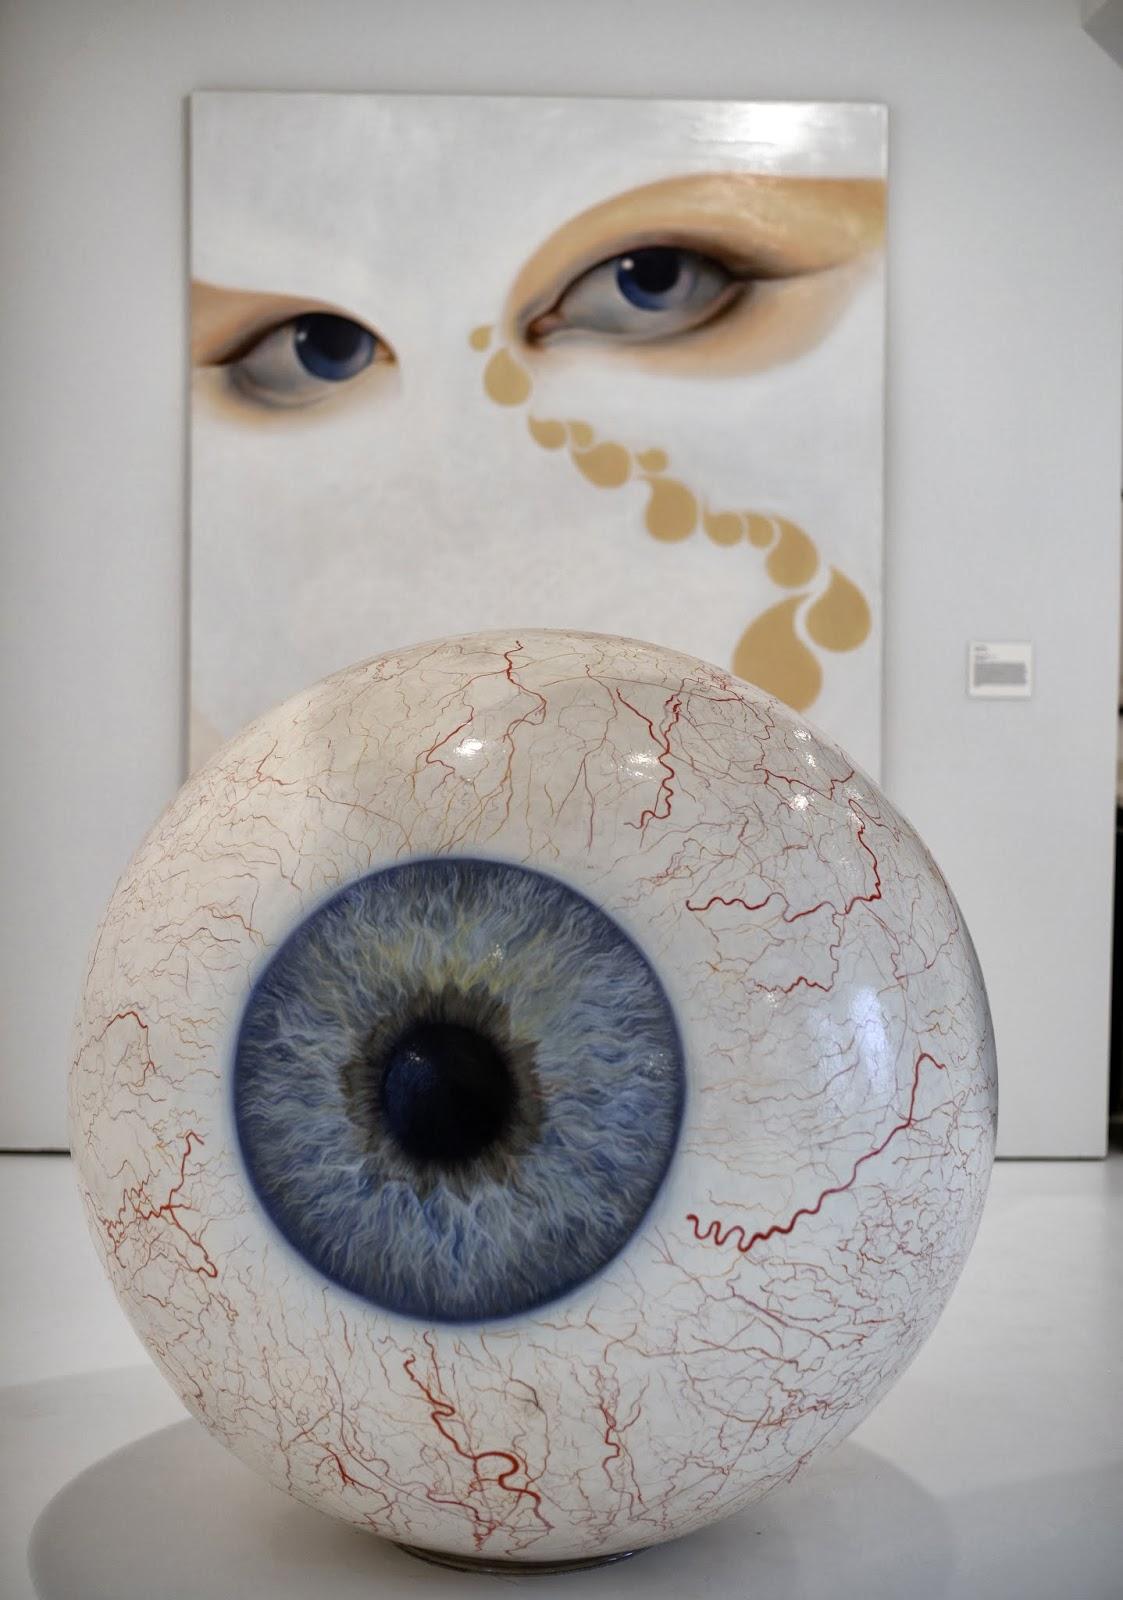 Art, Frederick R. Weisman Art Foundation, Mana Contemporary Art Center, New Jersey, Pop Culture, Exhibition, Museum, Sculpture, Eye, Creation, Offbeat, News,